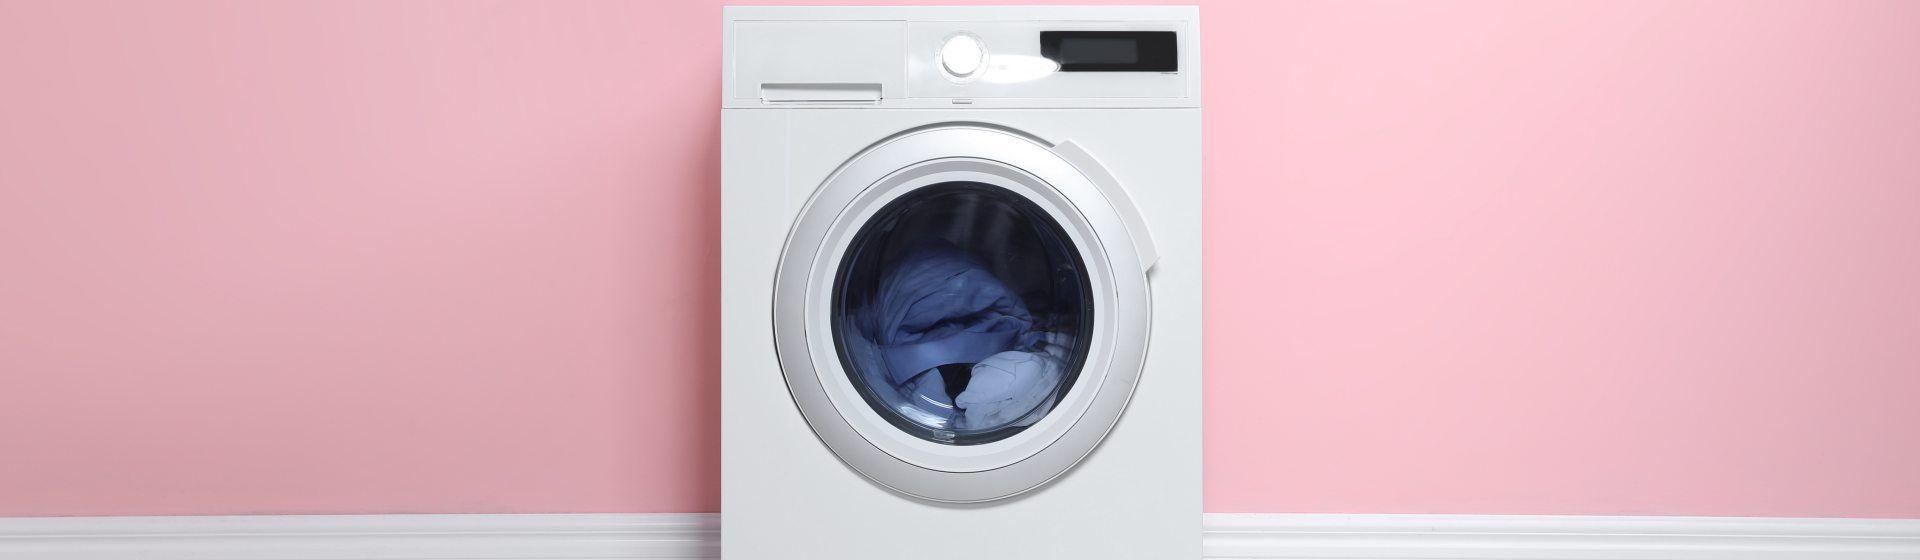 As melhores máquinas de lavar de 11kg para comprar em 2021